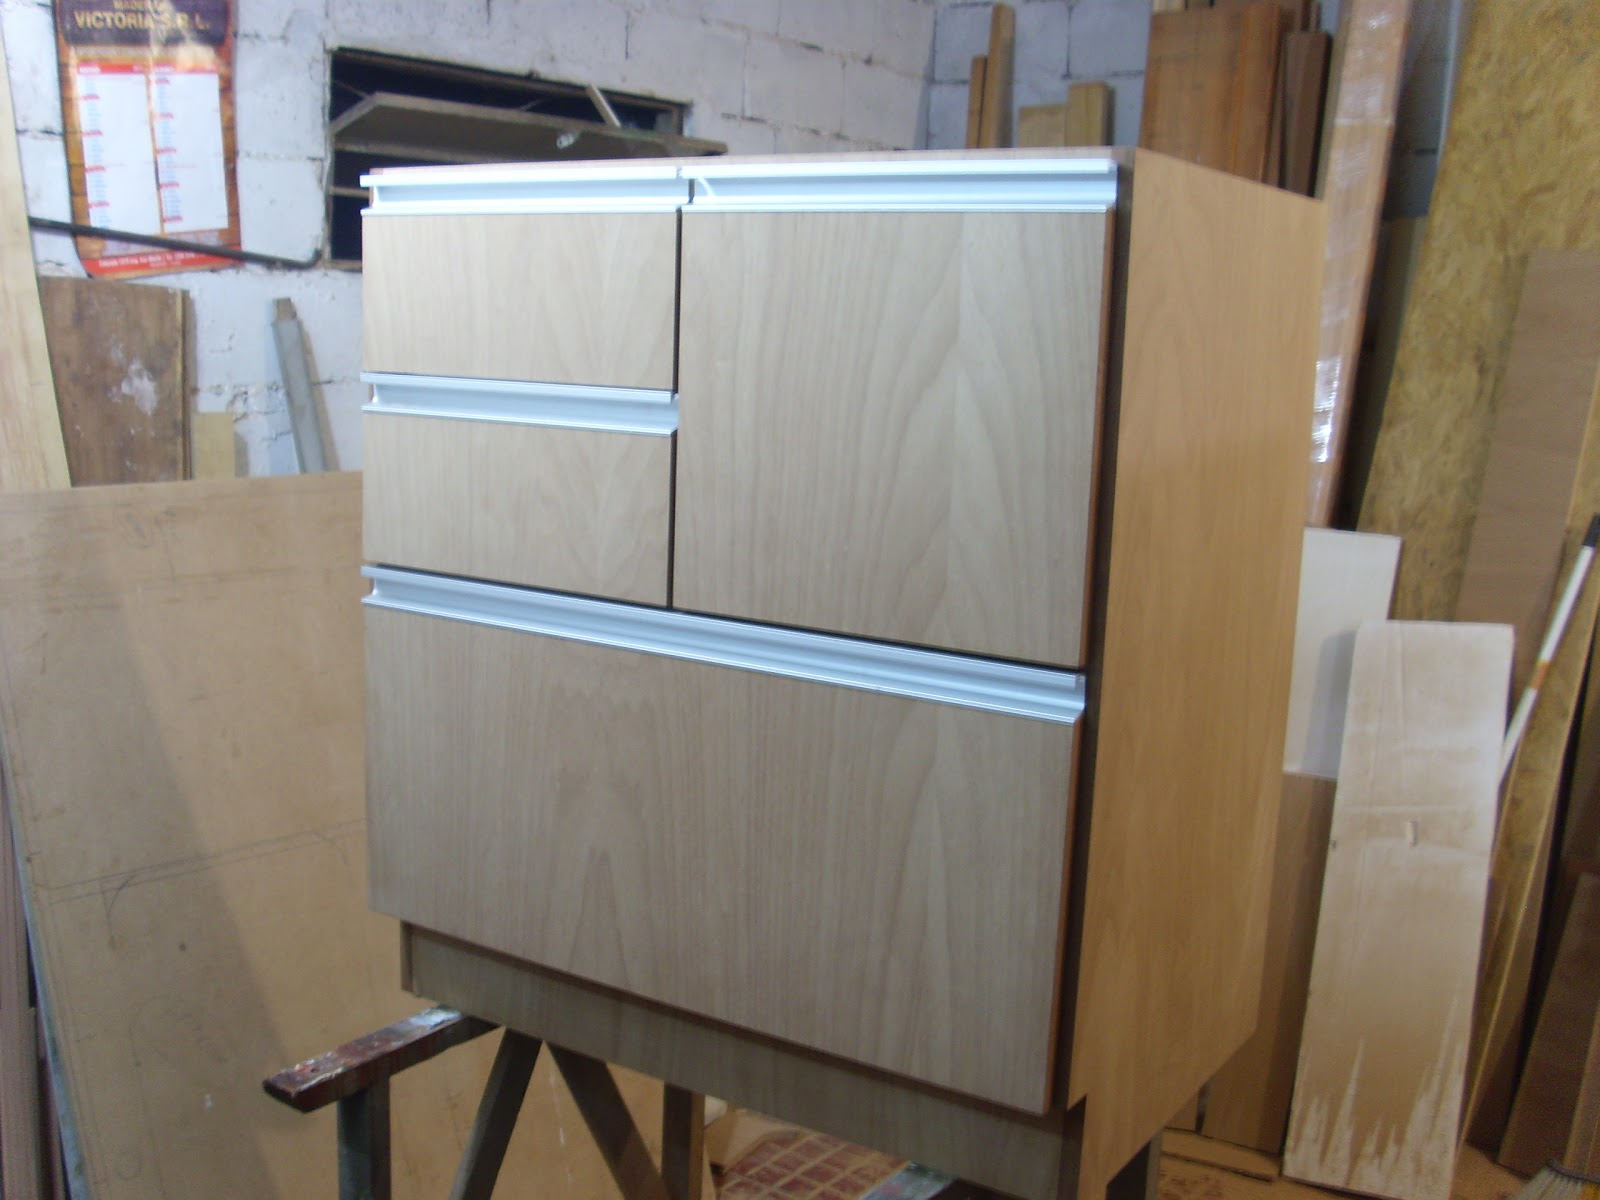 Mueble aéreo de cocina, al igual que los anteriores MDF enchapado en